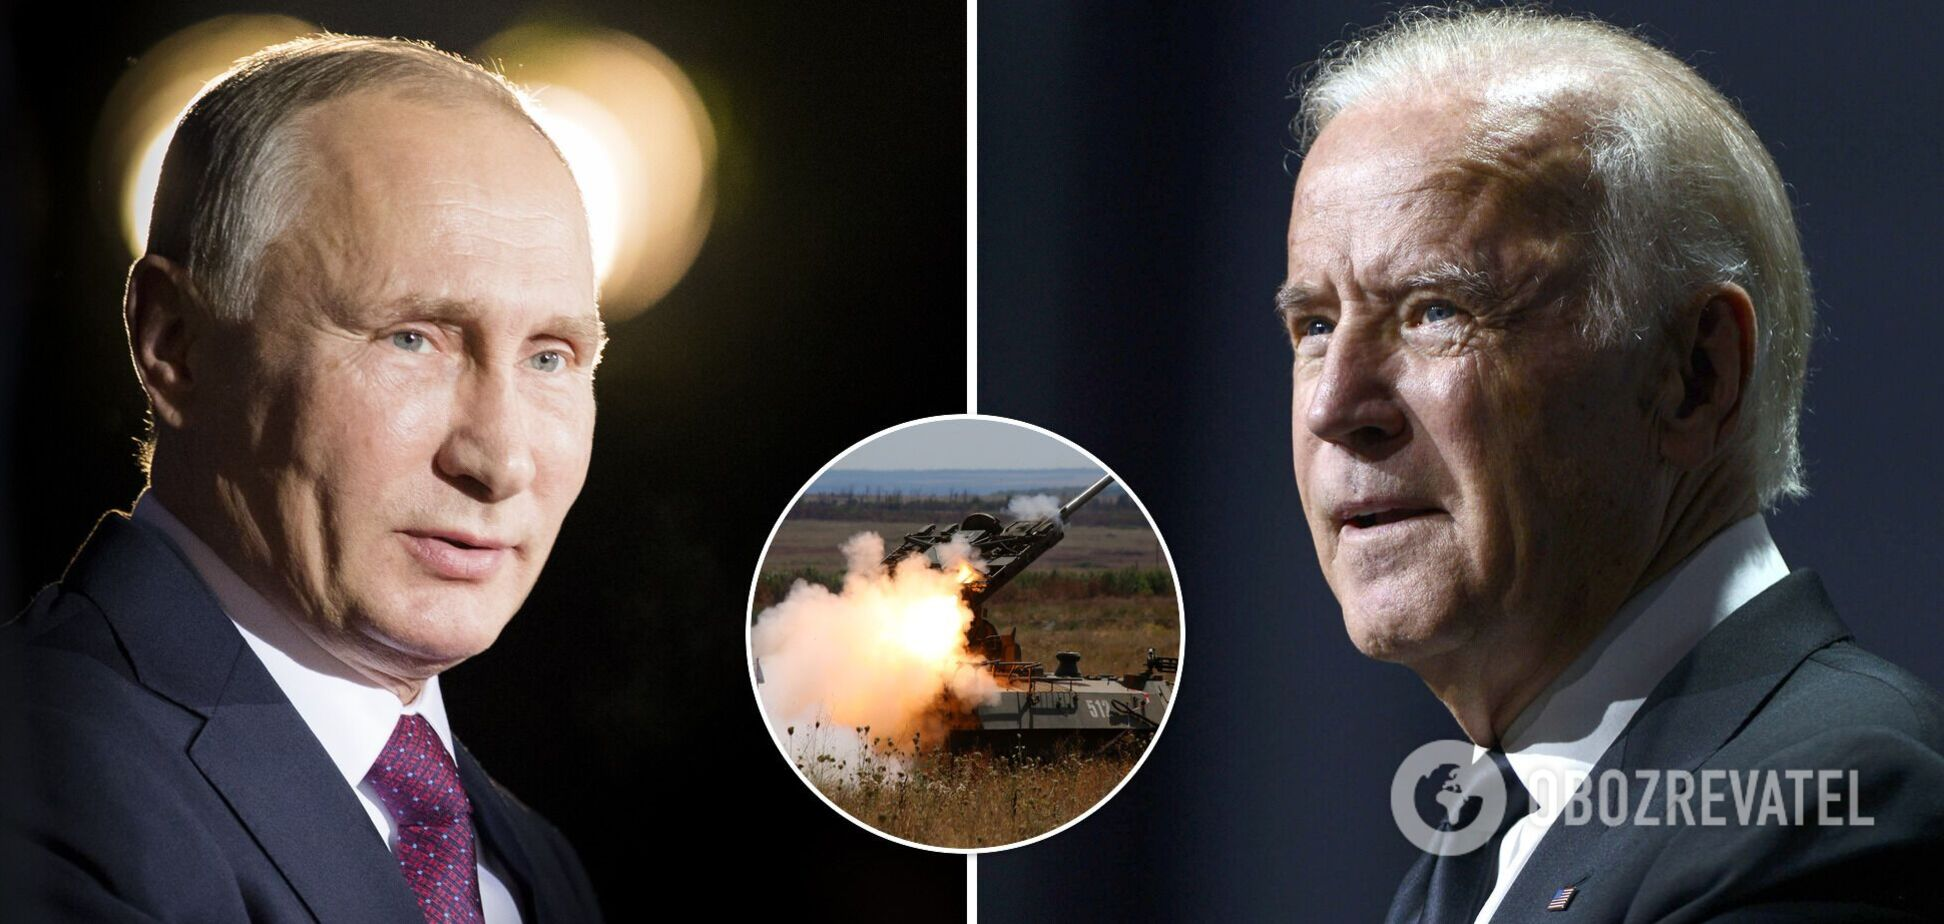 США хотят, чтобы Путин ушел, на Донбассе возможна конфронтация, – Бузаров